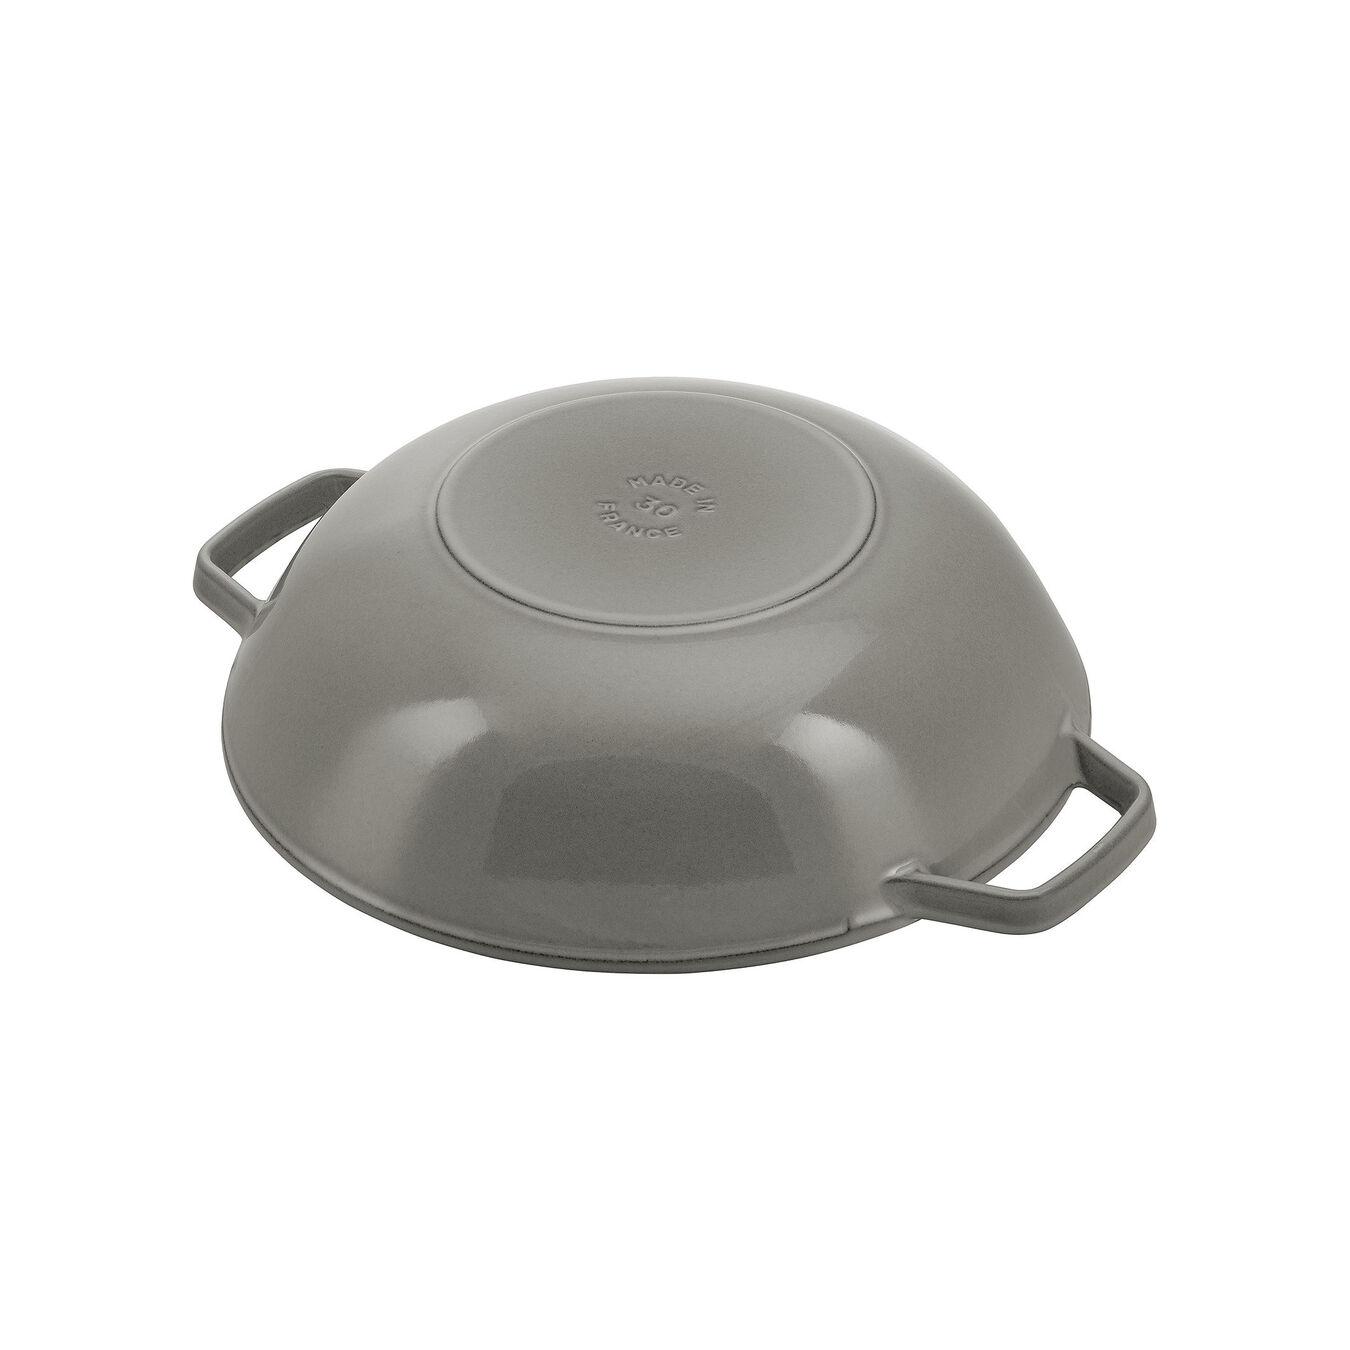 Wok con coperchio in vetro rotondo - 30 cm, grigio grafite,,large 2